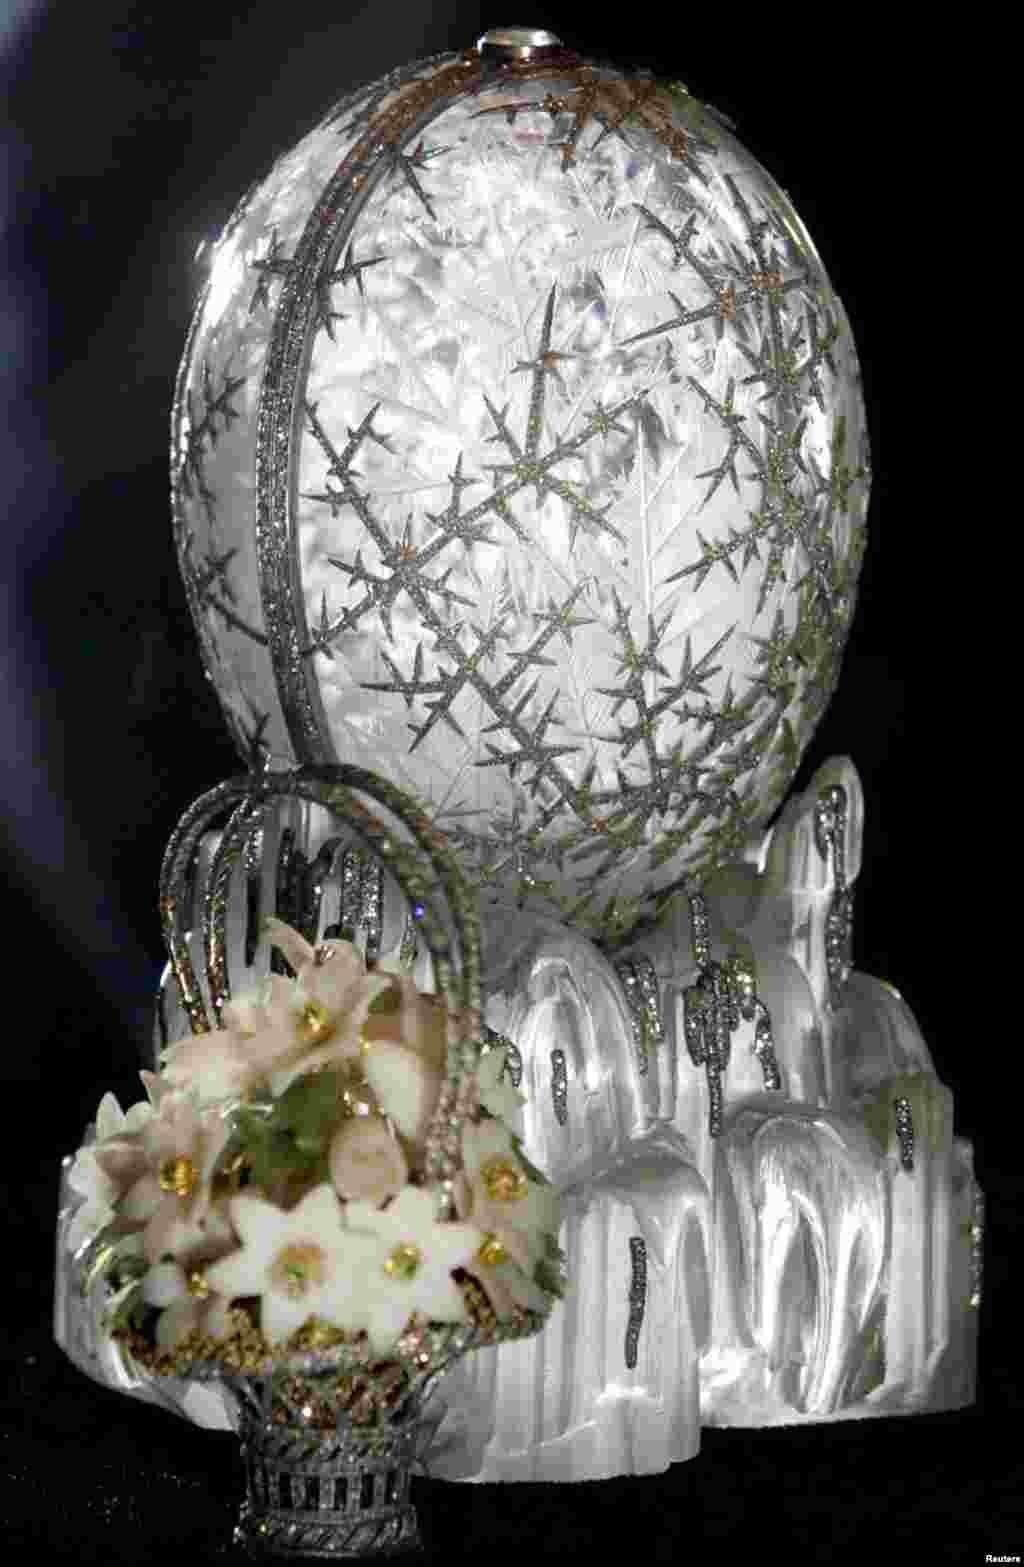 Gjatë tri dekadave të ardhshme, Carl Faberge do të krijonte edhe 49 vezë për dy Carat e ardhshëm rusë. Në këtë fotografi shfaqet 'Veza e Dimrit', e cila është njëra prej krijimeve më të famshme, e gdhendur në gur kristali me platin dhe diamante dhe i ngjan acarit. Veza 14 centimetërshe në brendësi ka shportë me stoli dhe lule pranvere.